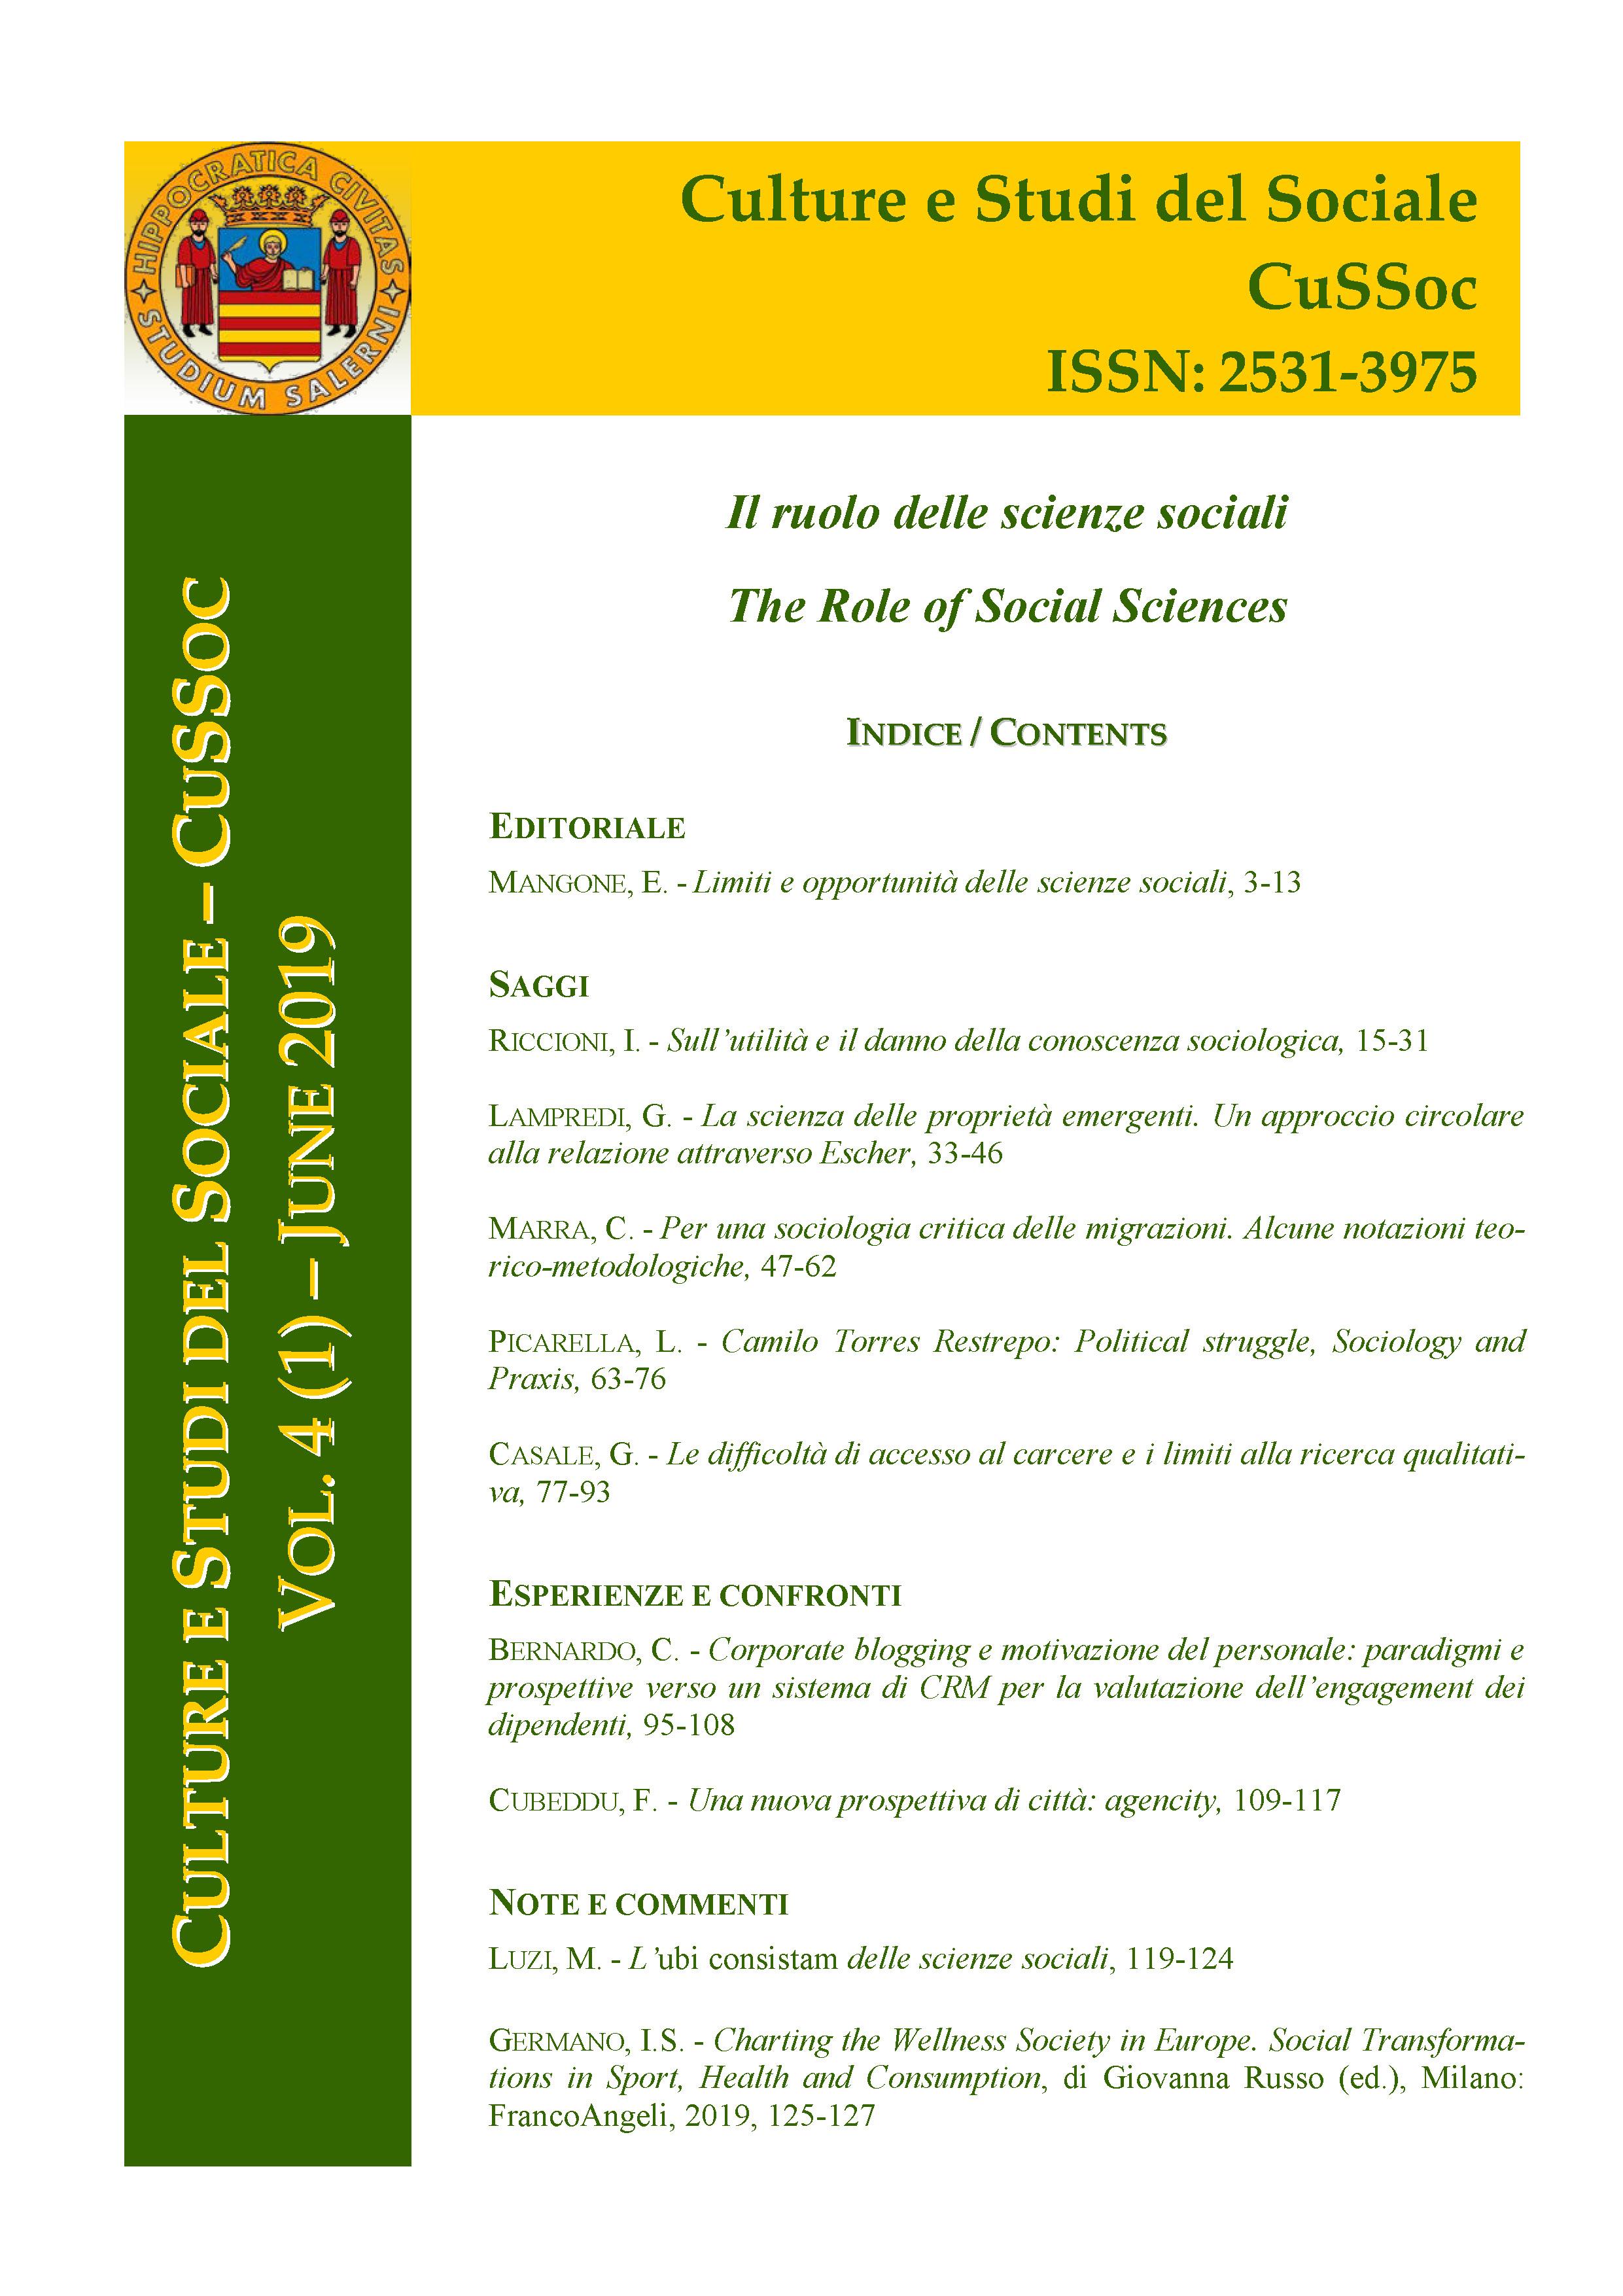 View Vol. 4 No. 1 (2019): Il ruolo delle scienze sociali / The Role of Social Sciences